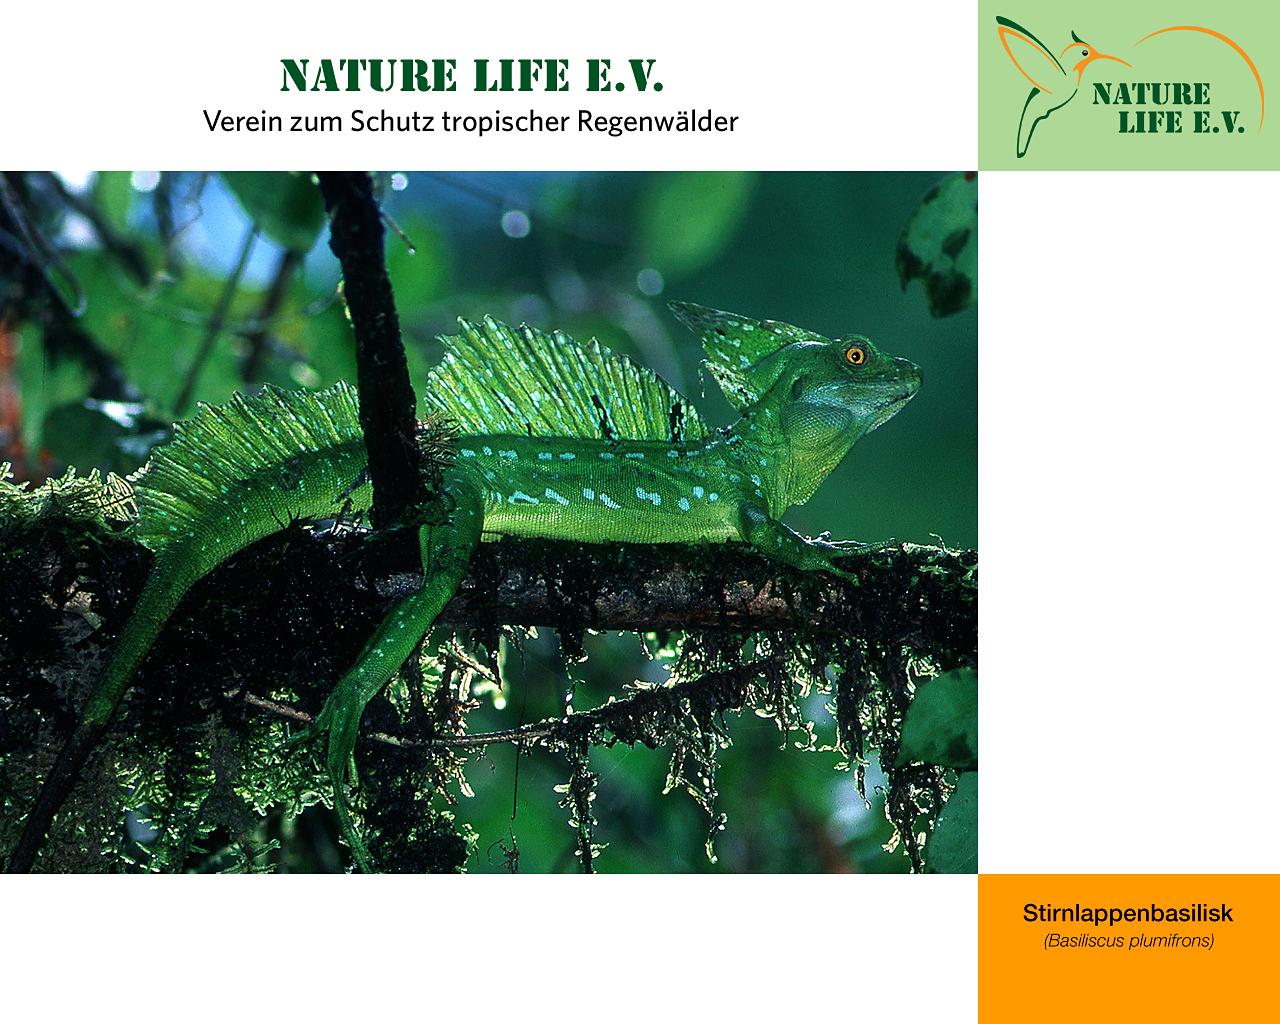 Stirnlappenbasilisk (Basiliscus plumifrons) 1280 x 1024